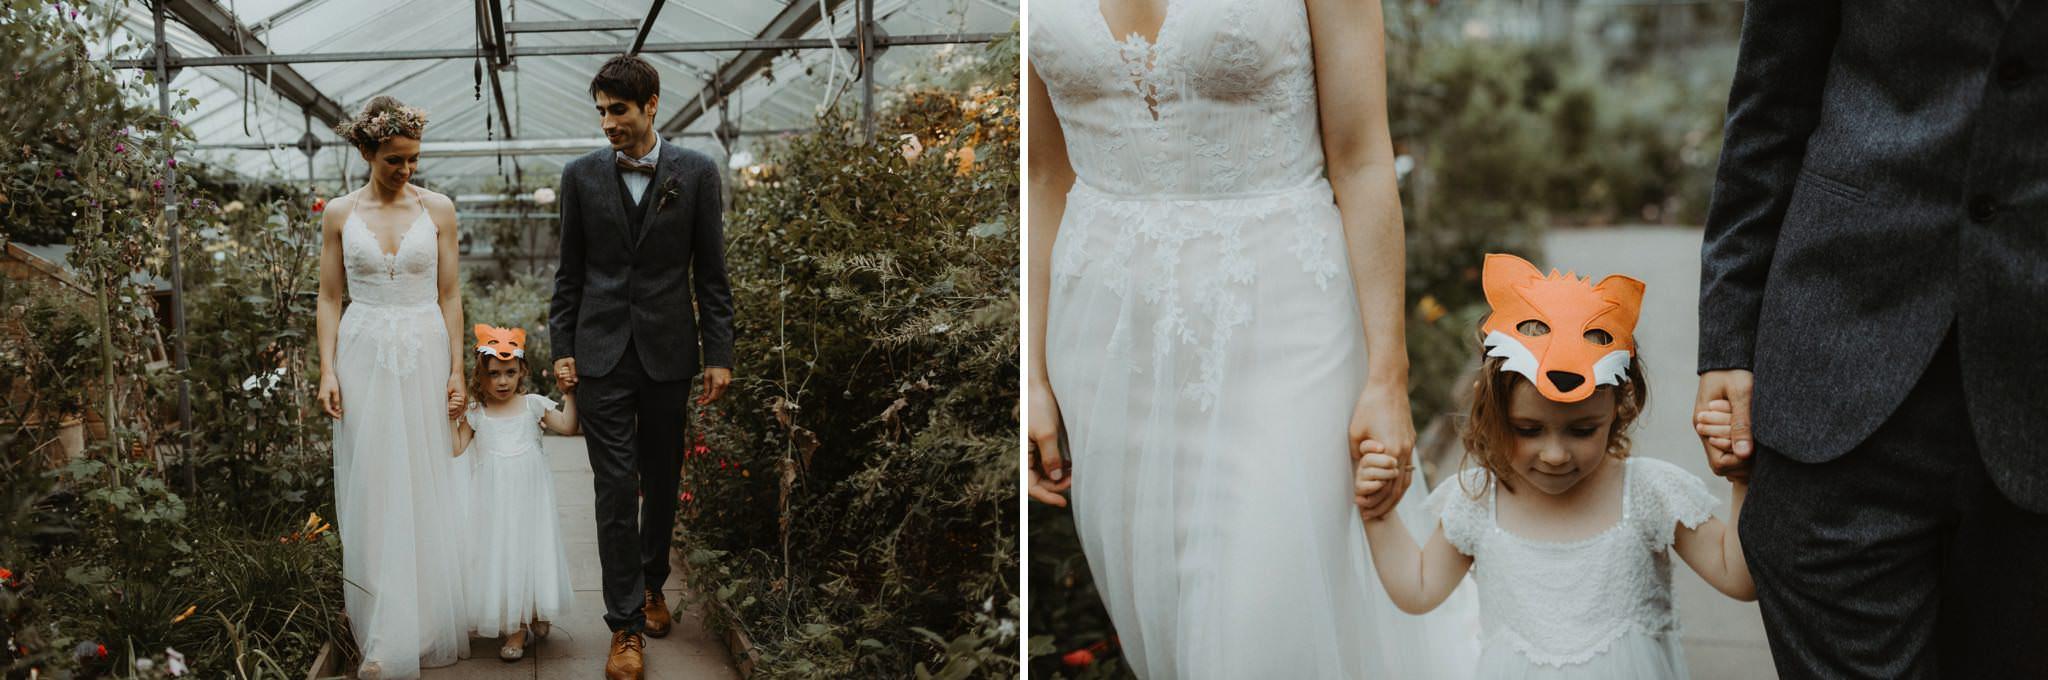 northumberland wedding photographer 153